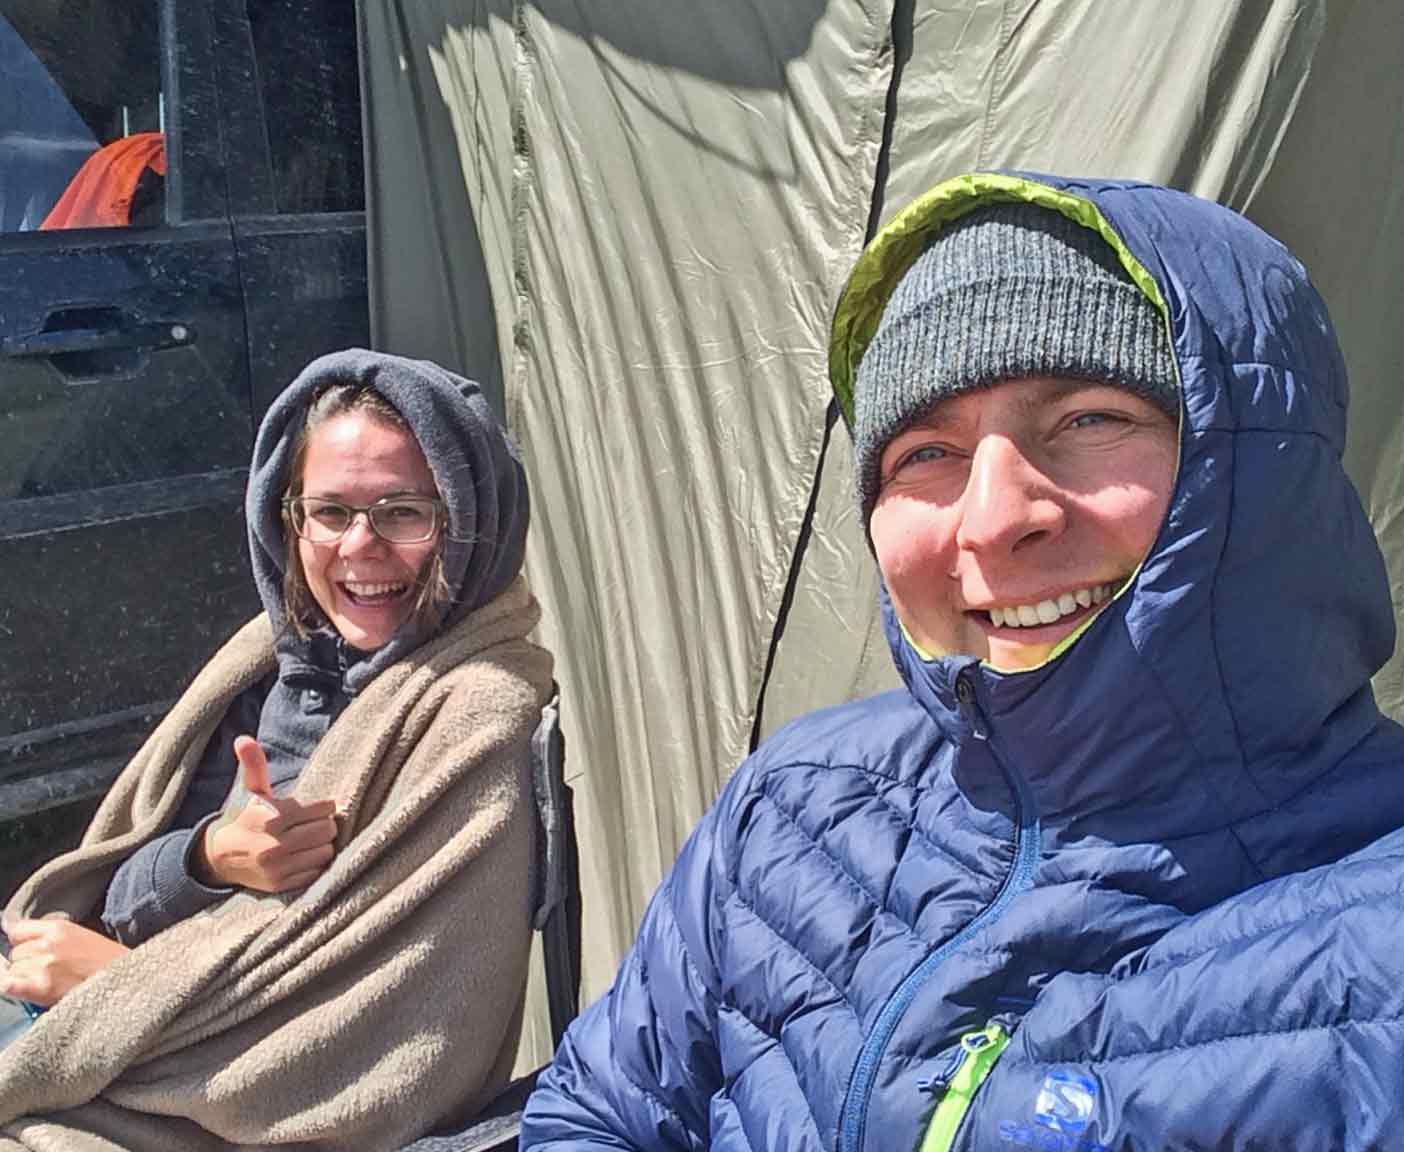 fernreise-als-paar-hyundai-terracan-weltreise-expedition